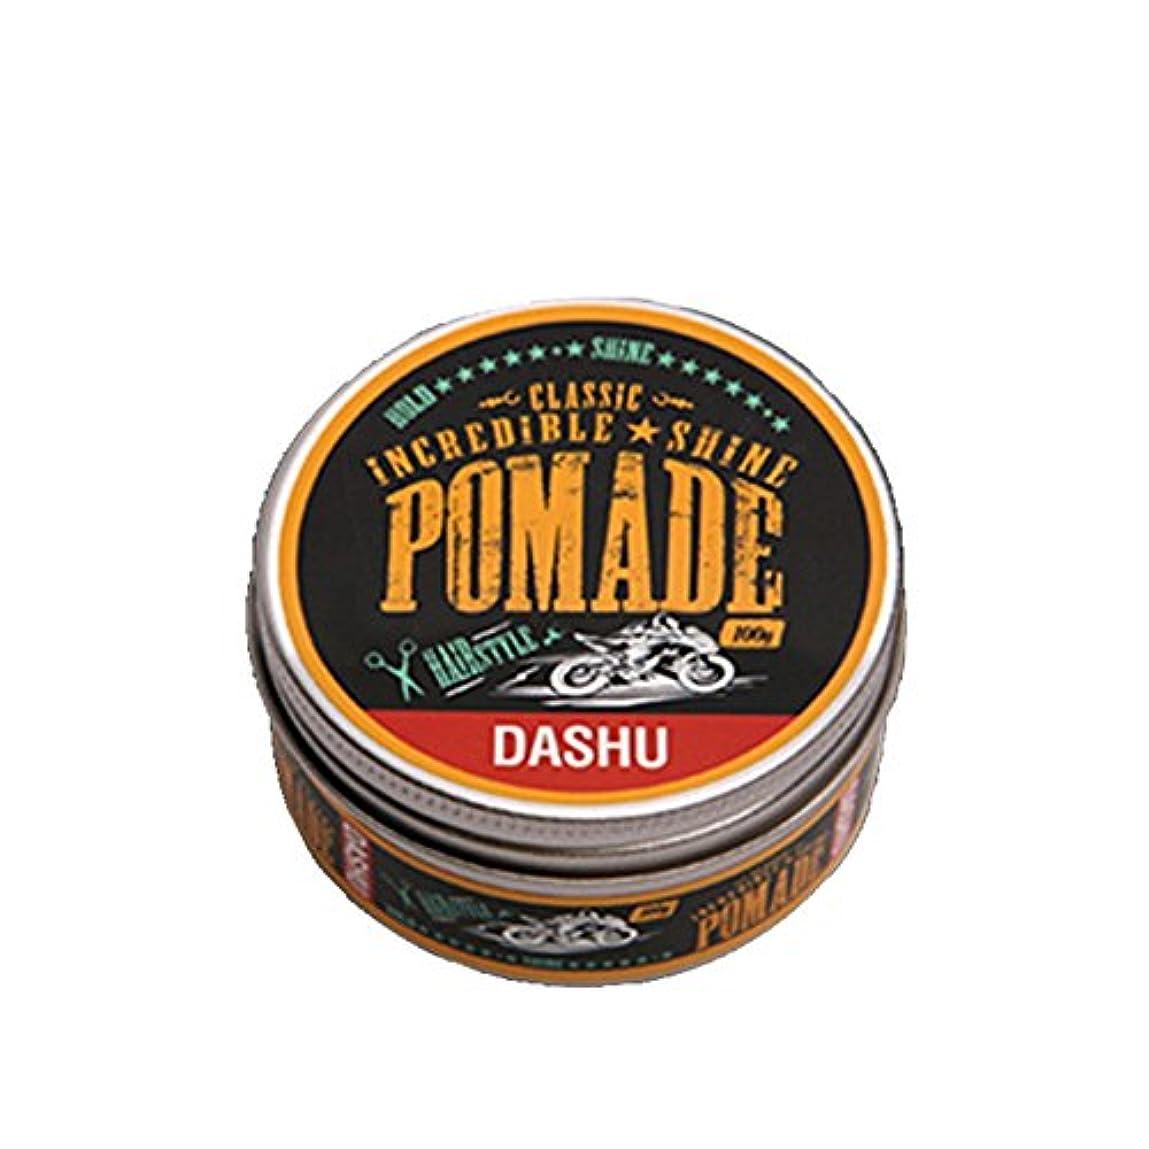 バインドワットエンドテーブル[DASHU] ダシュ クラシック 信じられないほどの輝き ポマードワックス Classic Incredible Shine Pomade Hair Wax 100ml / 韓国製 . 韓国直送品